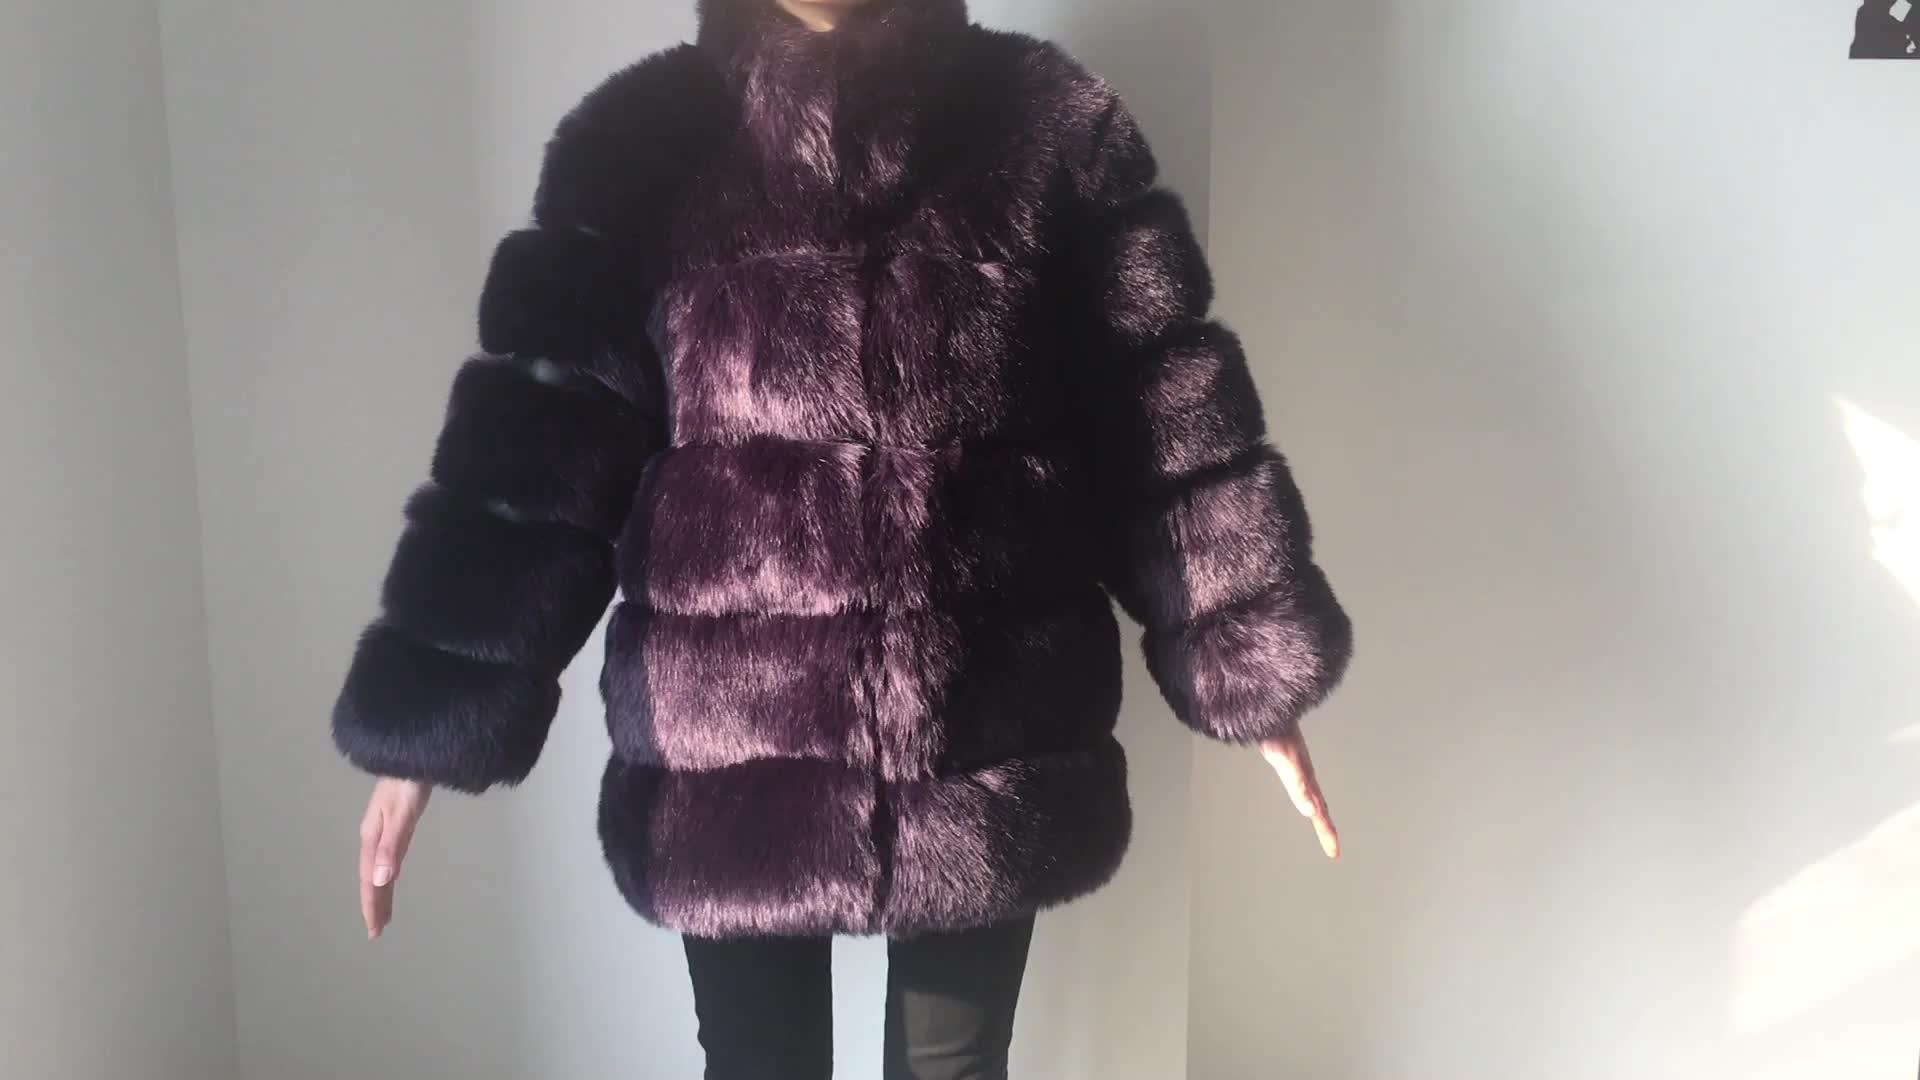 2018 ฤดูหนาวขนสัตว์ร้อนแฟชั่นผู้หญิงฤดูหนาวเสื้อผ้ายาวสีเทา Faux Fox เสื้อขนสัตว์เสื้อขนสัตว์